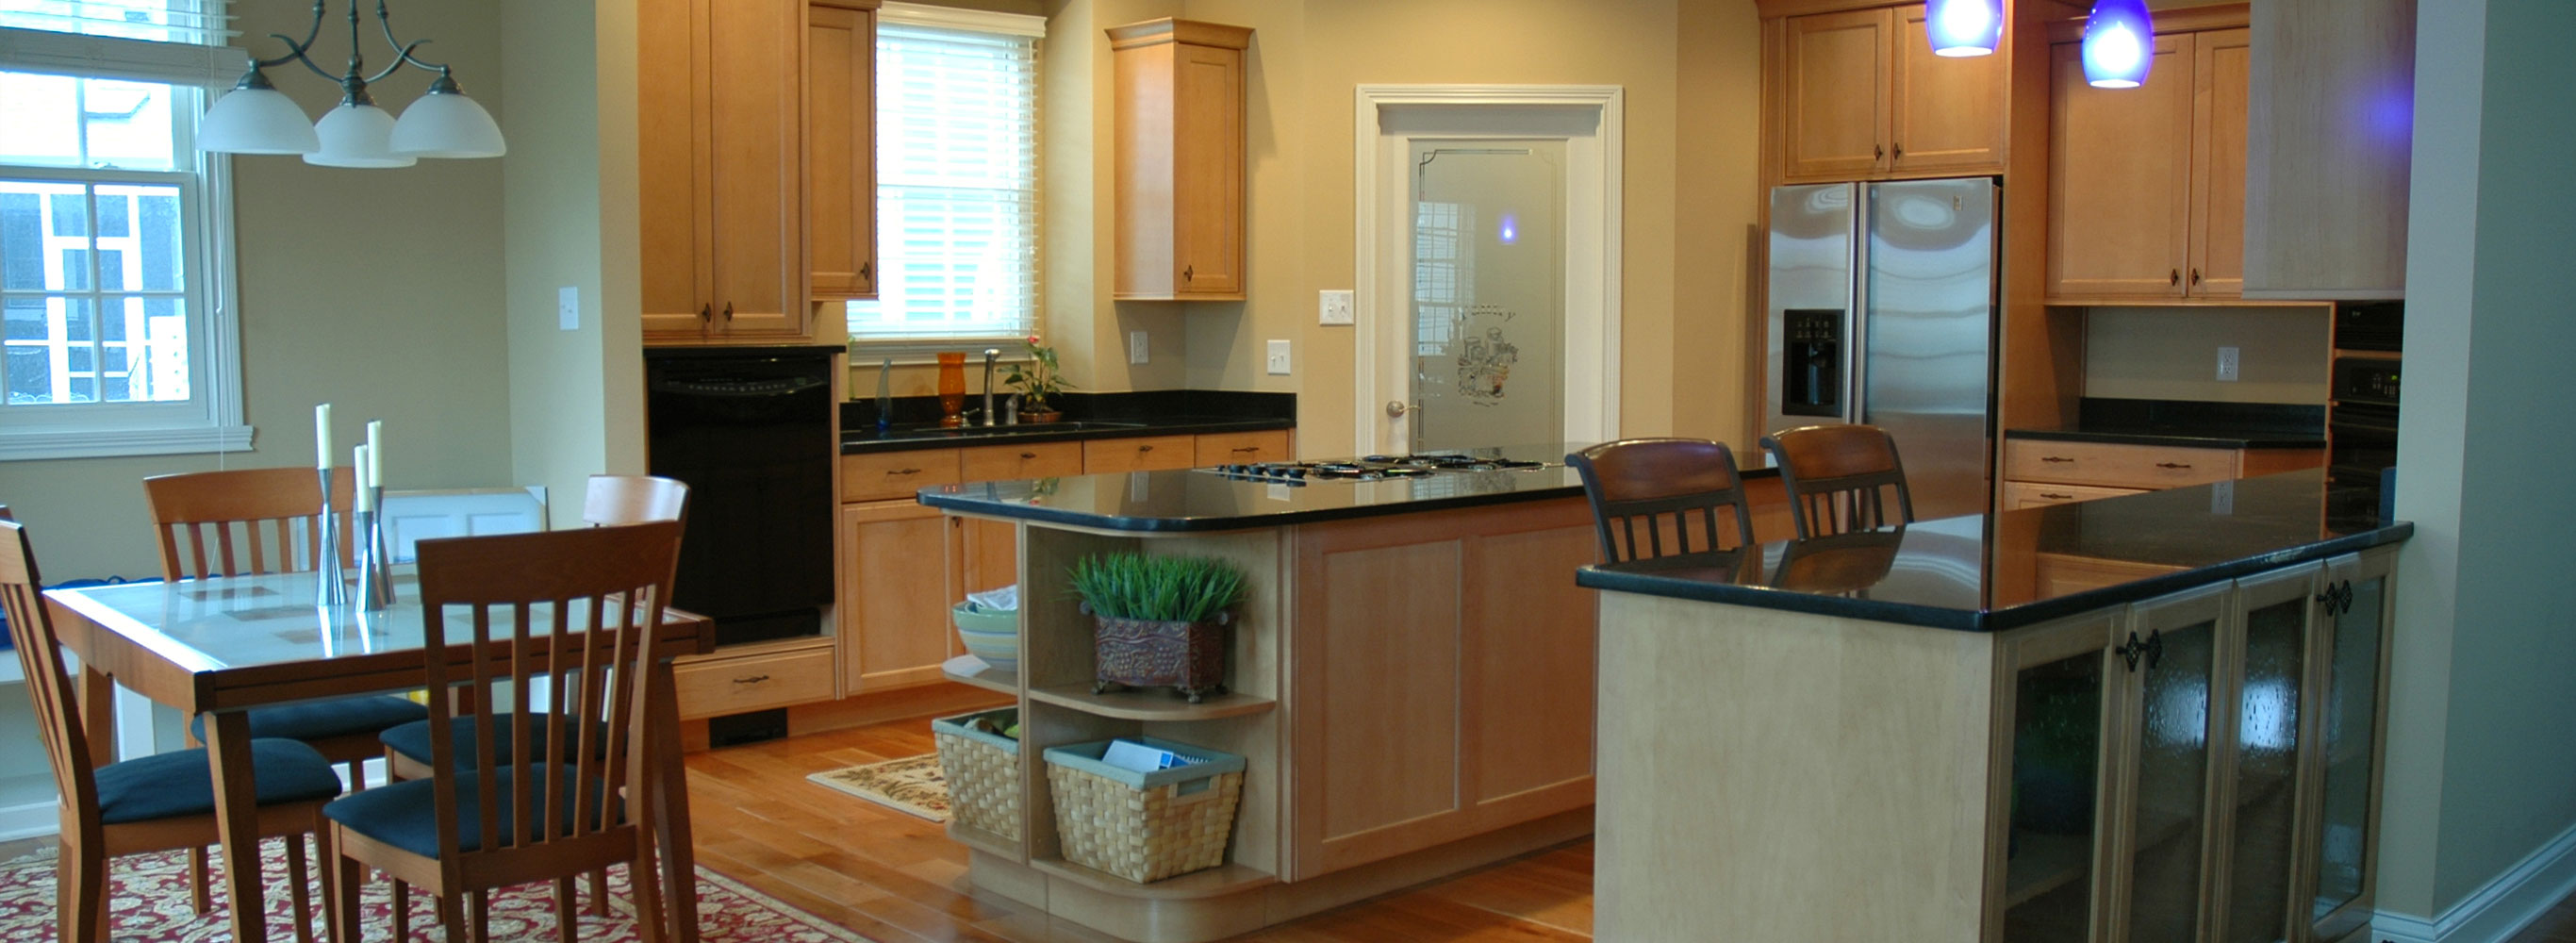 home_Kitchen2.jpg